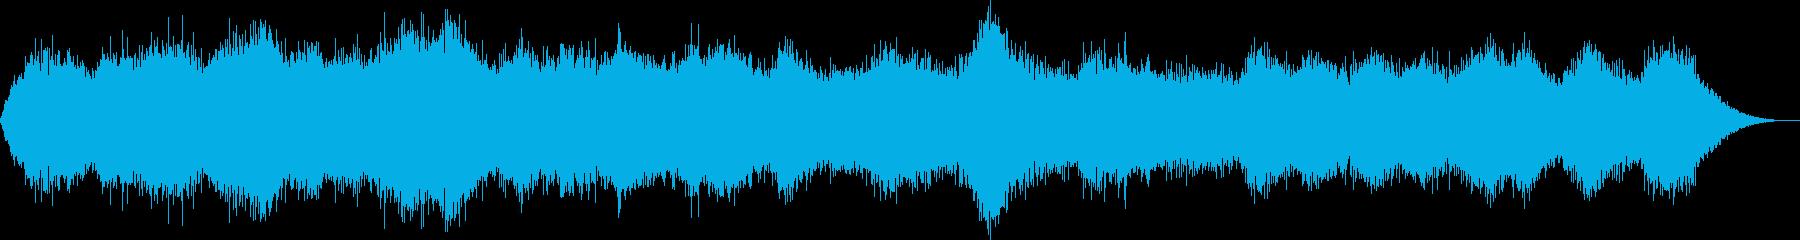 強い風の音の再生済みの波形